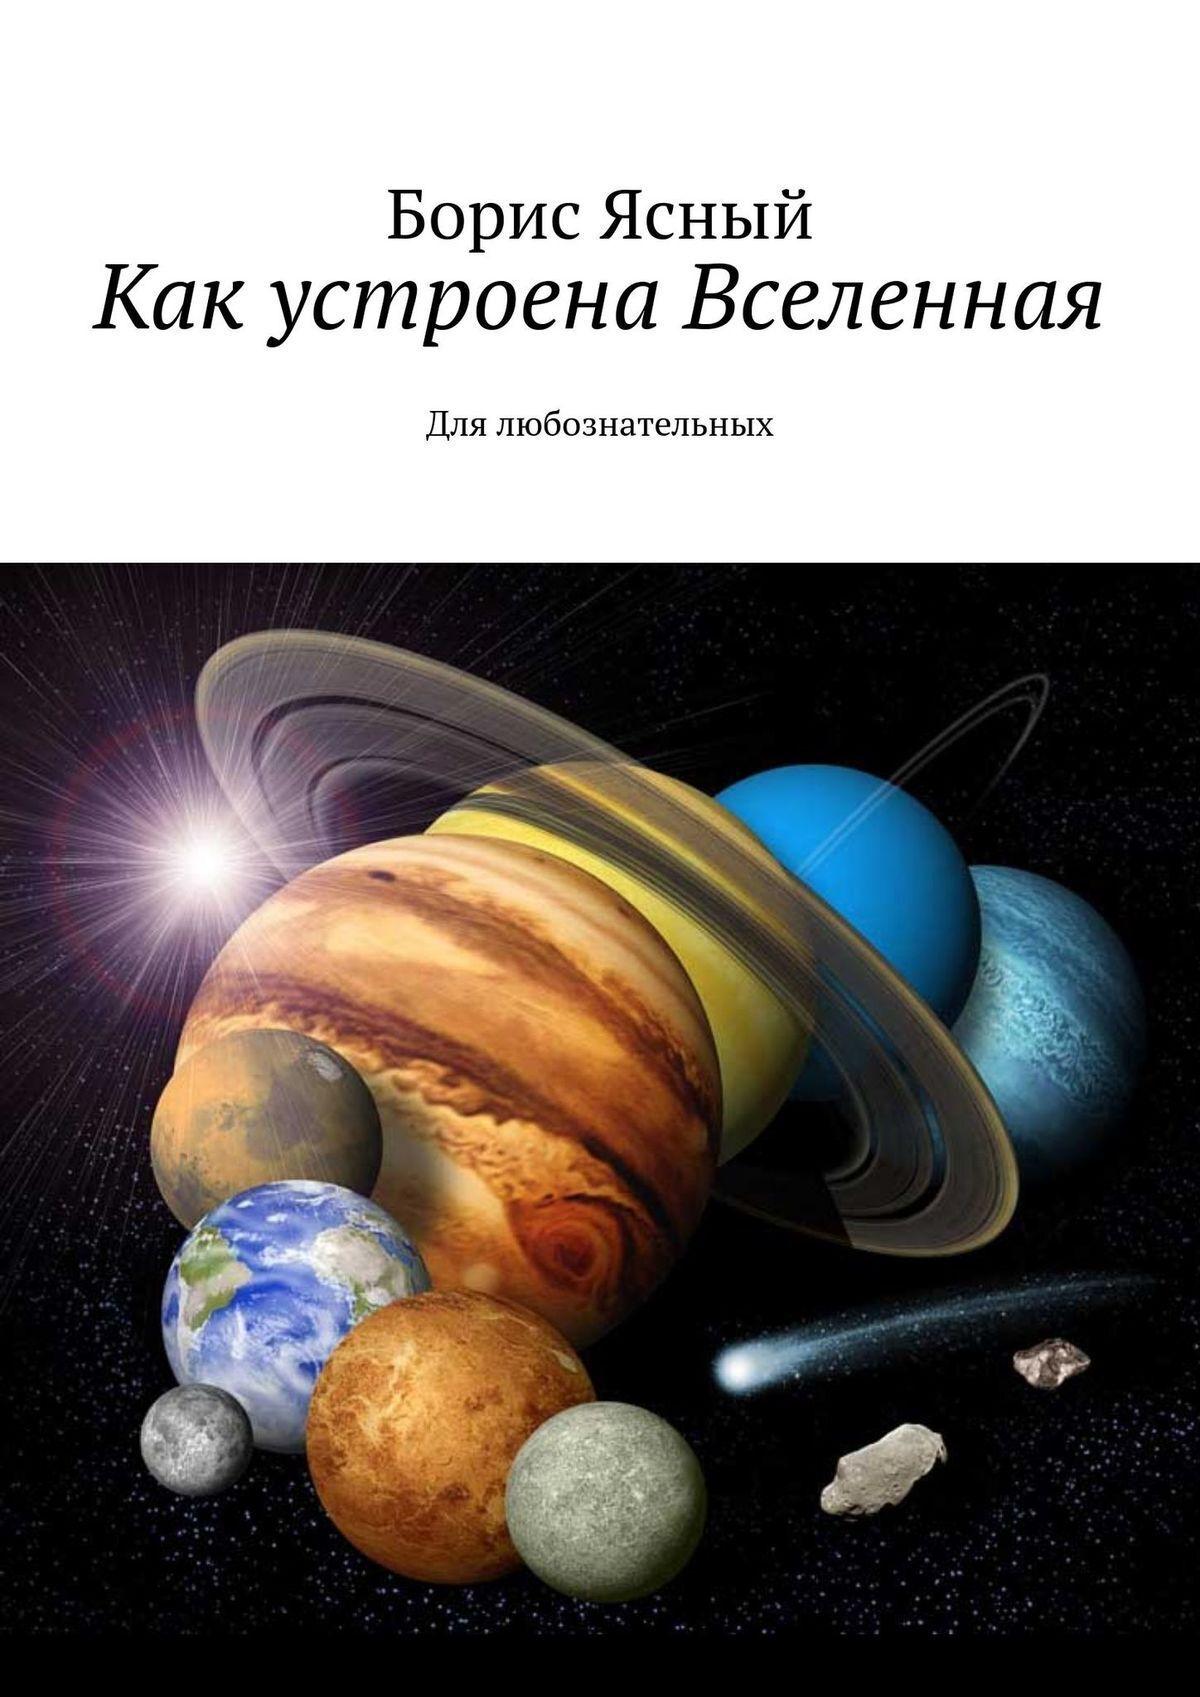 Борис Ясный Как устроена Вселенная. Для любознательных юлия феданова как устроена вселенная